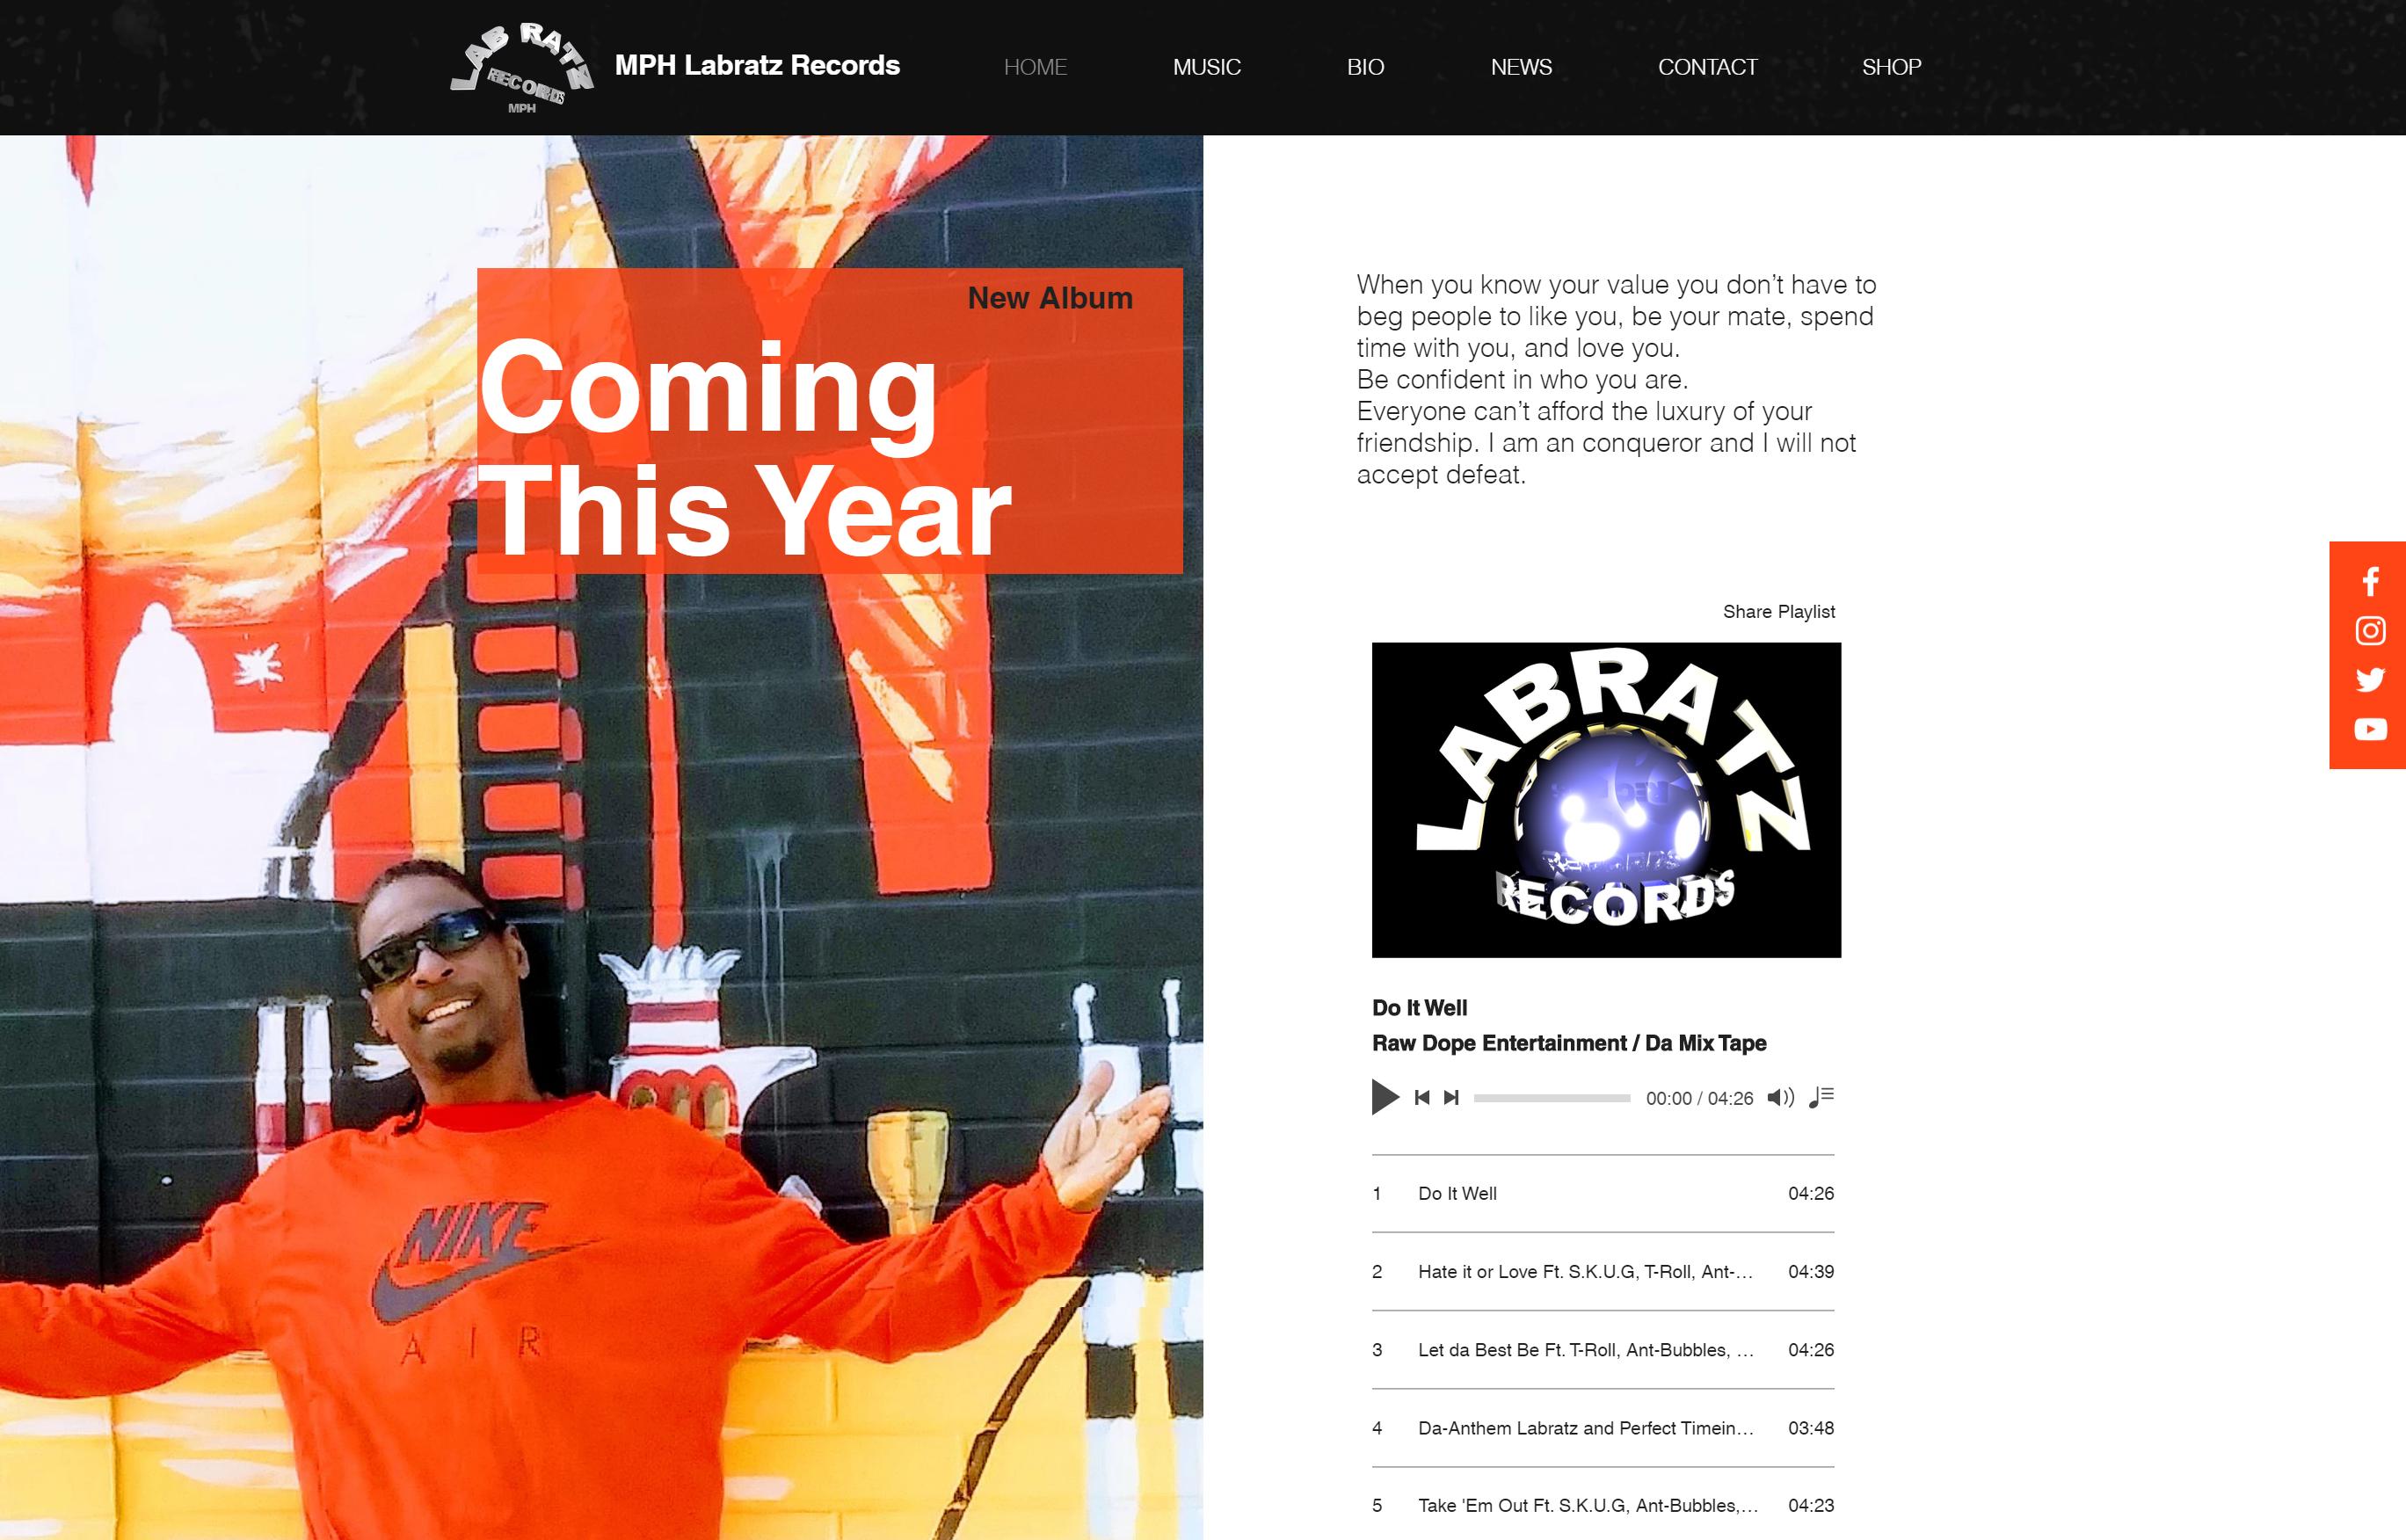 MPH Labratz Records